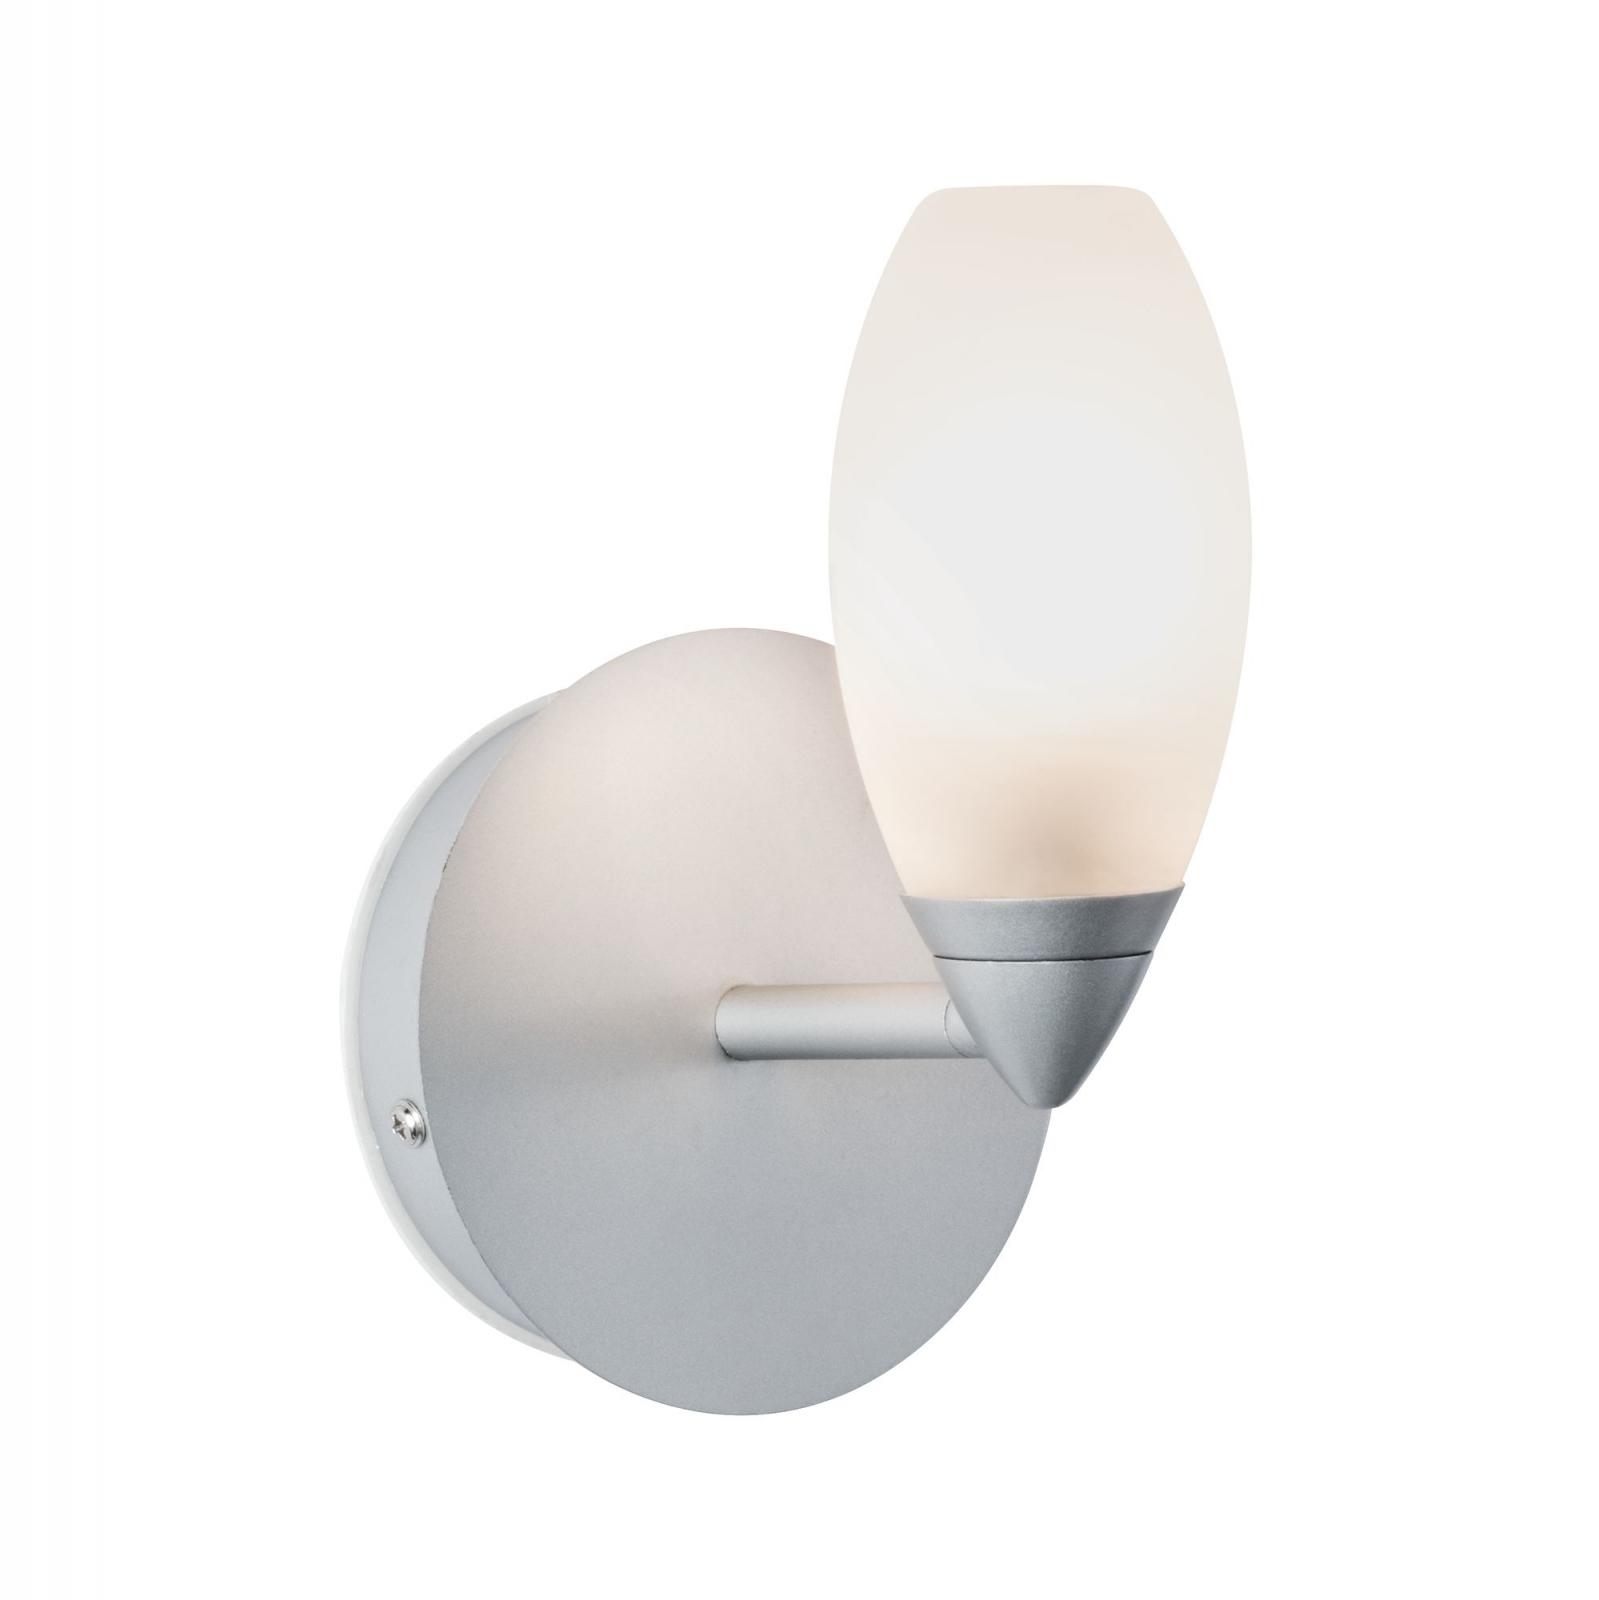 Illuminazione Bagno A Parete illuminazione da bagno apparecchio a parete carina ip44 1 lampada cromata  opaca senza lampada, max. 28 w g9 - paulmann art. 70838